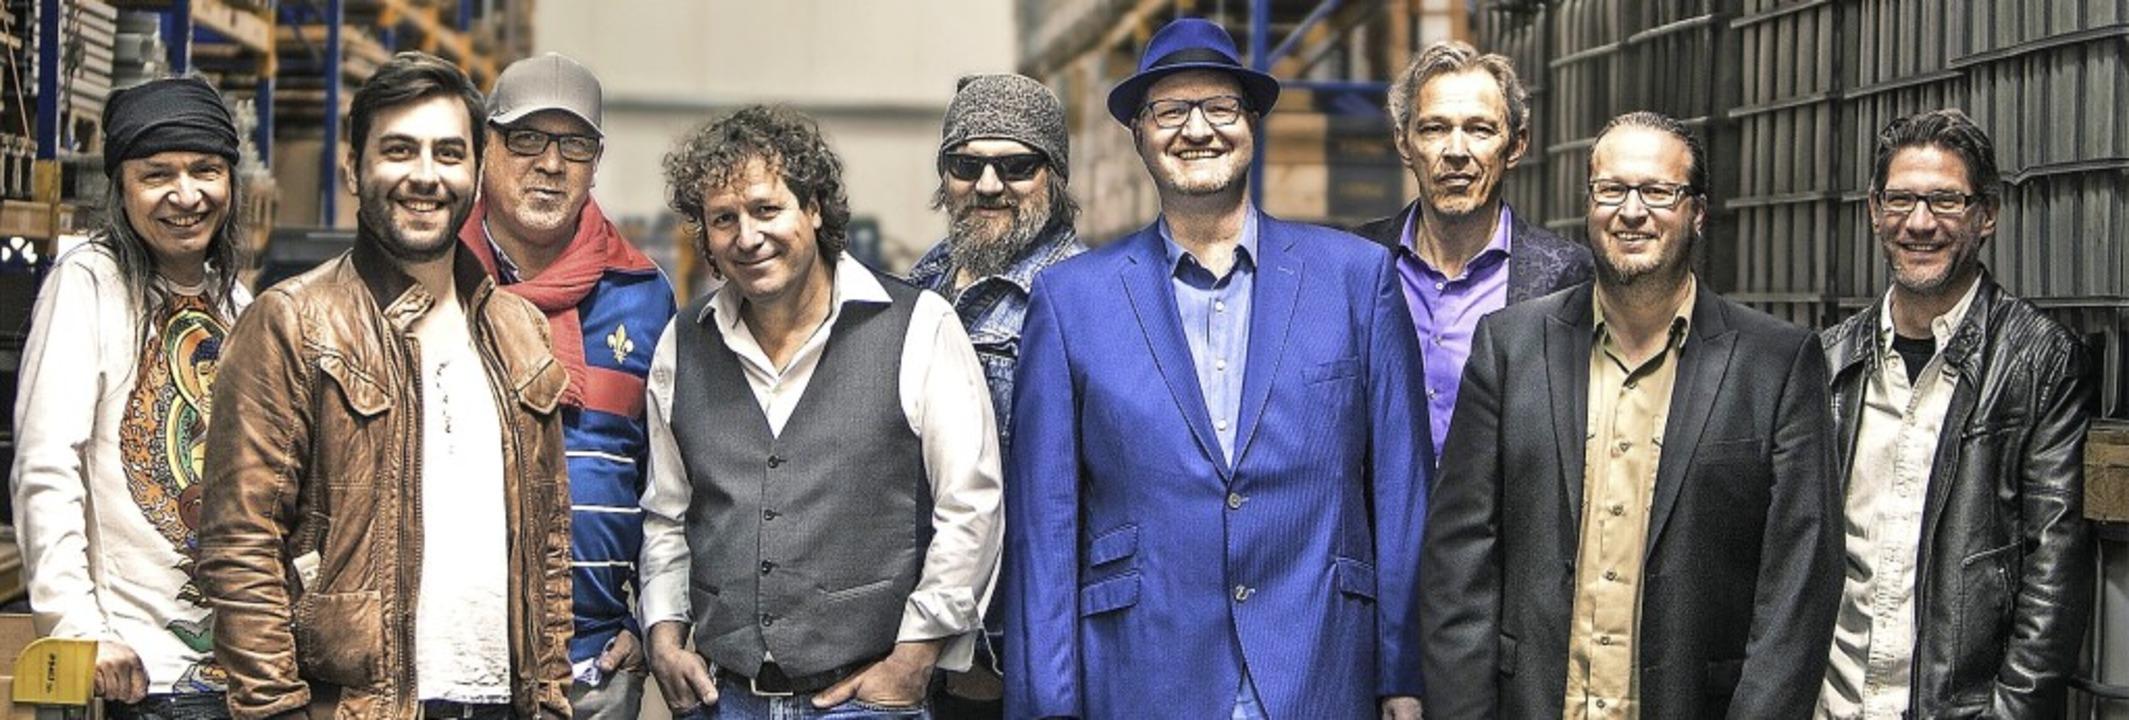 The Magic of Santana: Die Band mit den...treff in der Stadthalle Bonndorf auf.